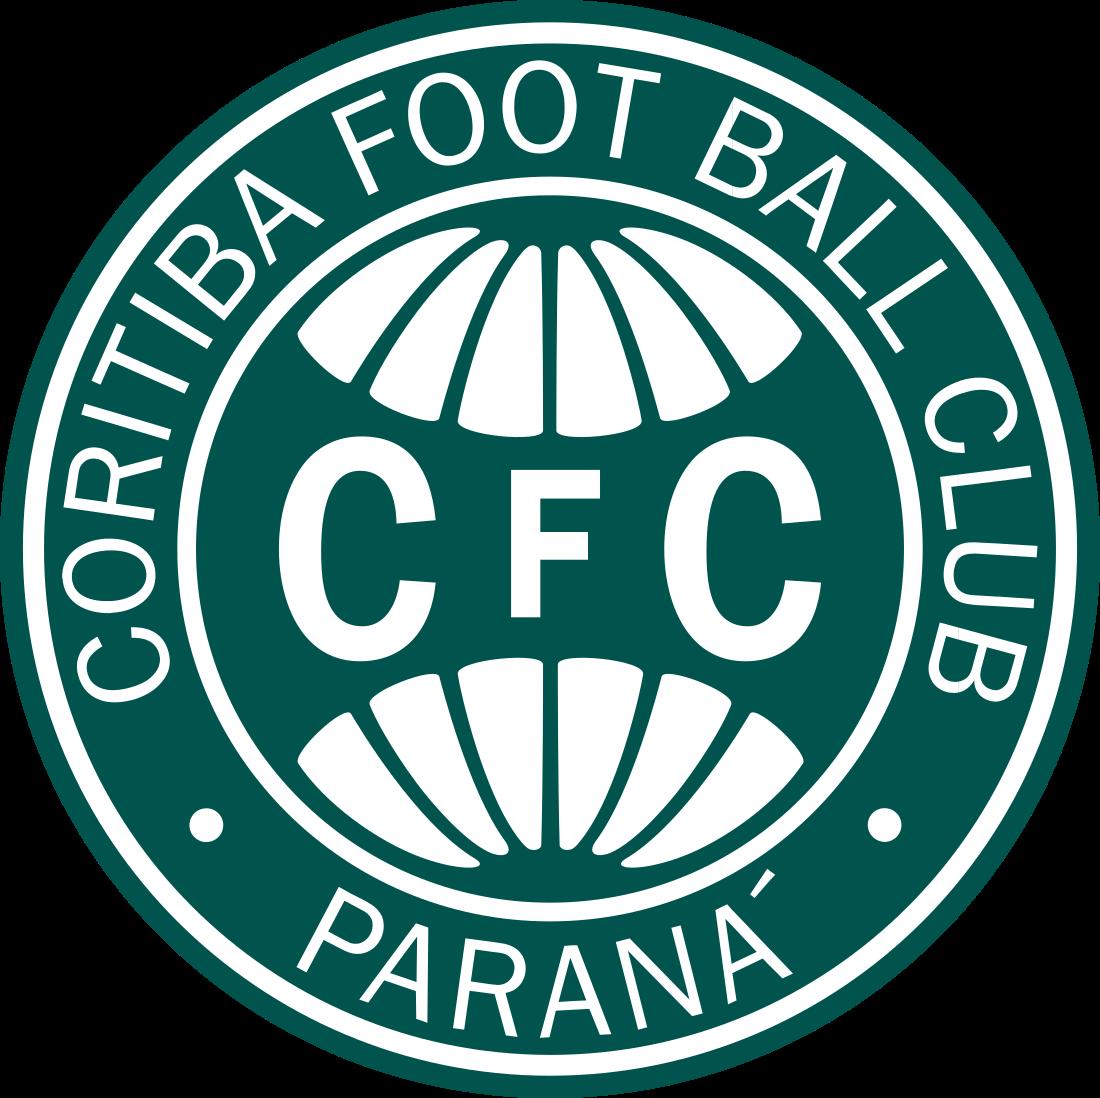 coritiba logo escudo 4 - Coritiba FC Logo